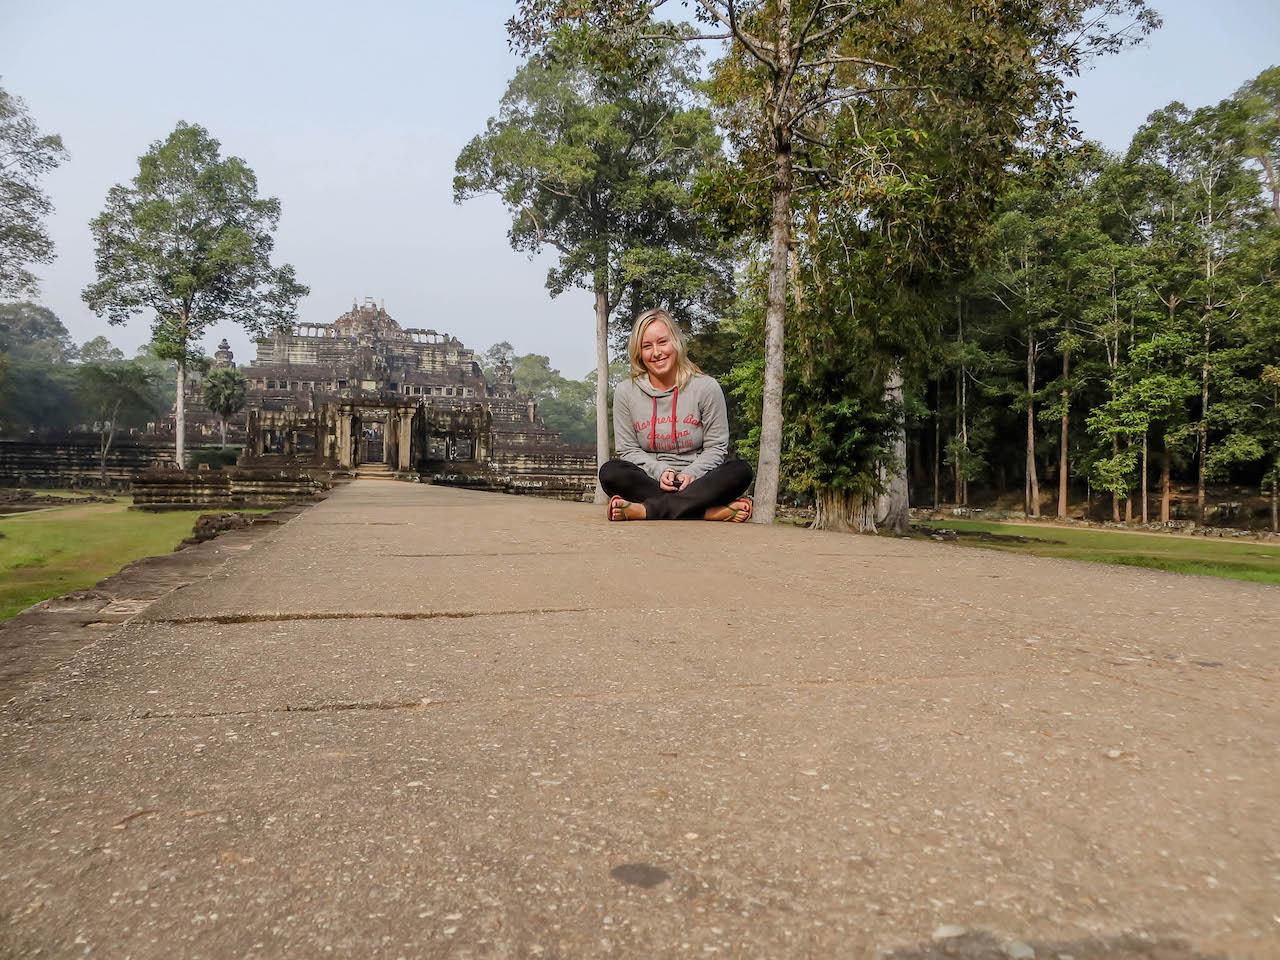 Unterwegs in den Stätten von Angkor Wat.